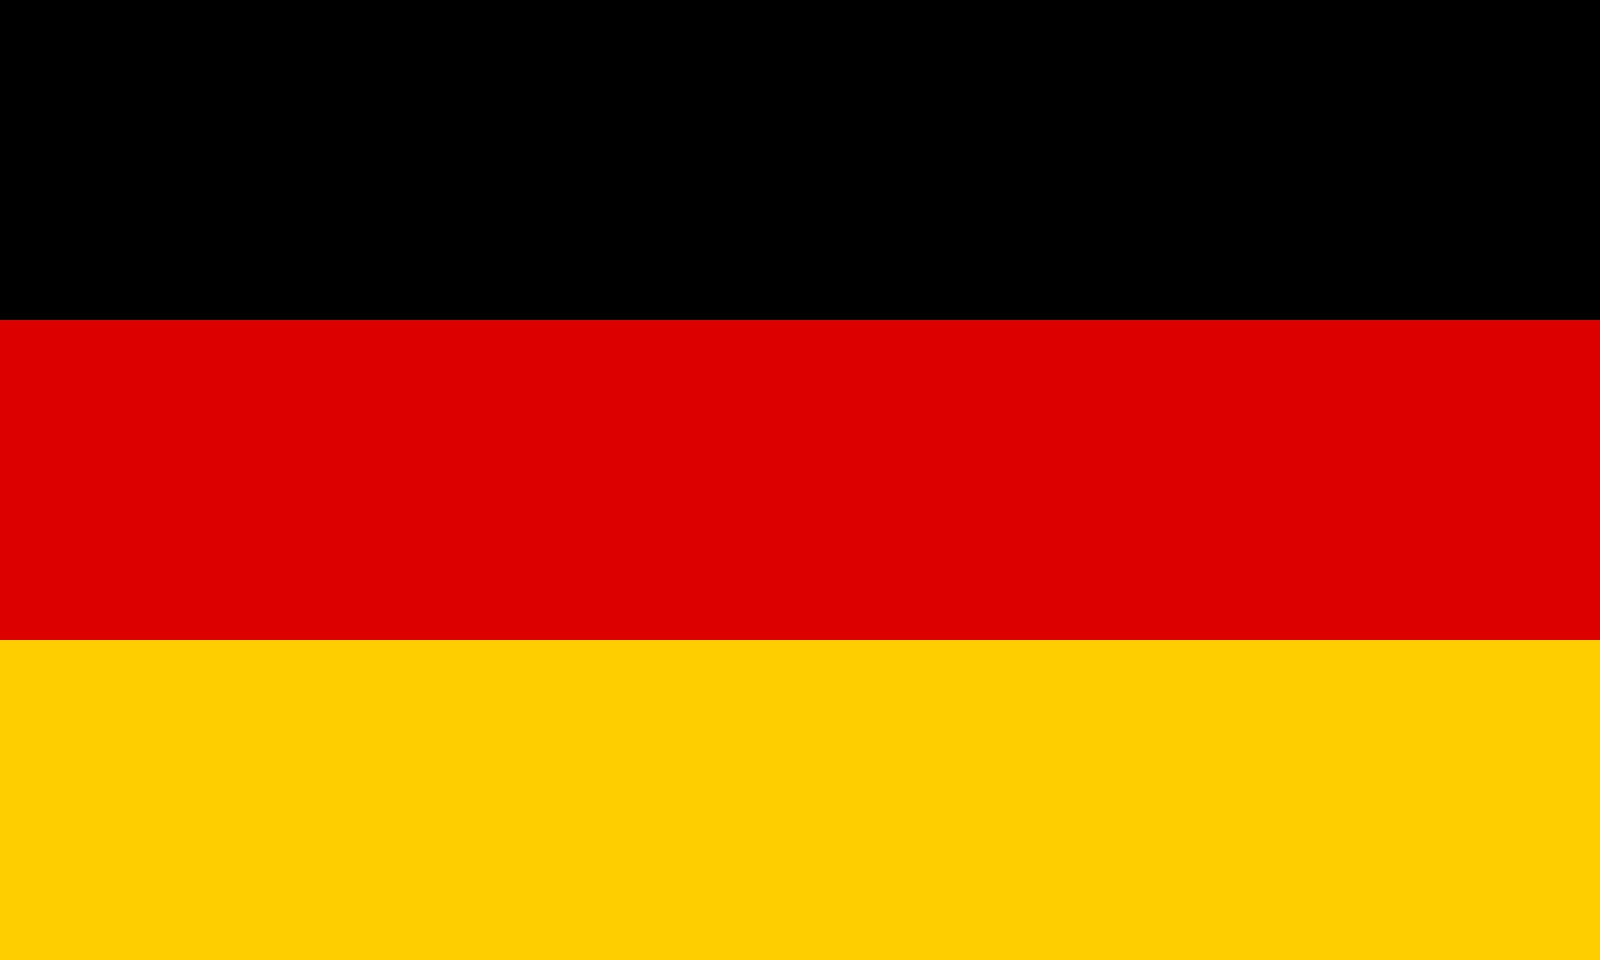 Test in germana pentru incepatori – 2020